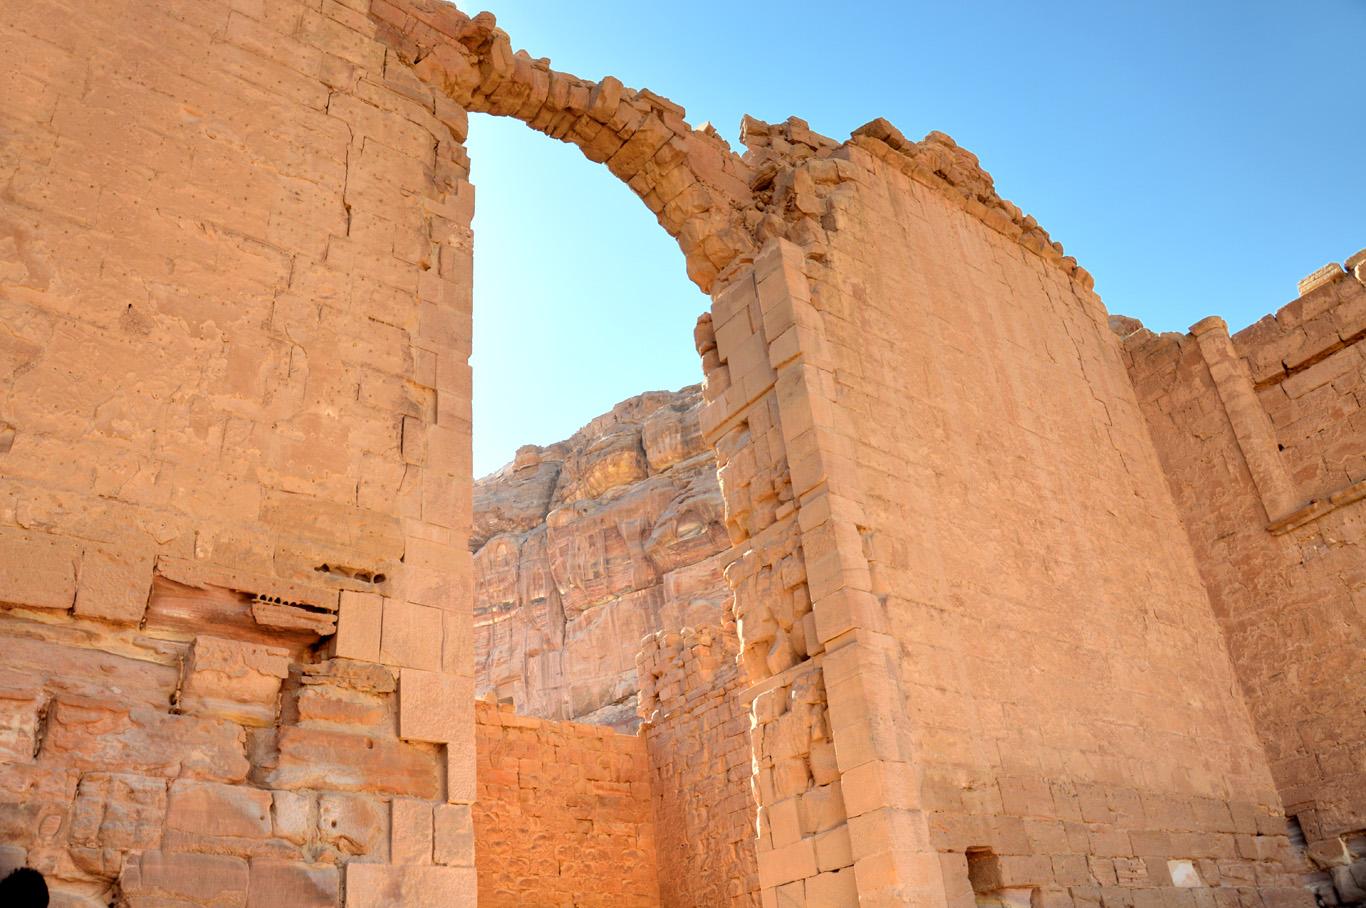 Qasr al-Bint Temple - the arch is preserved